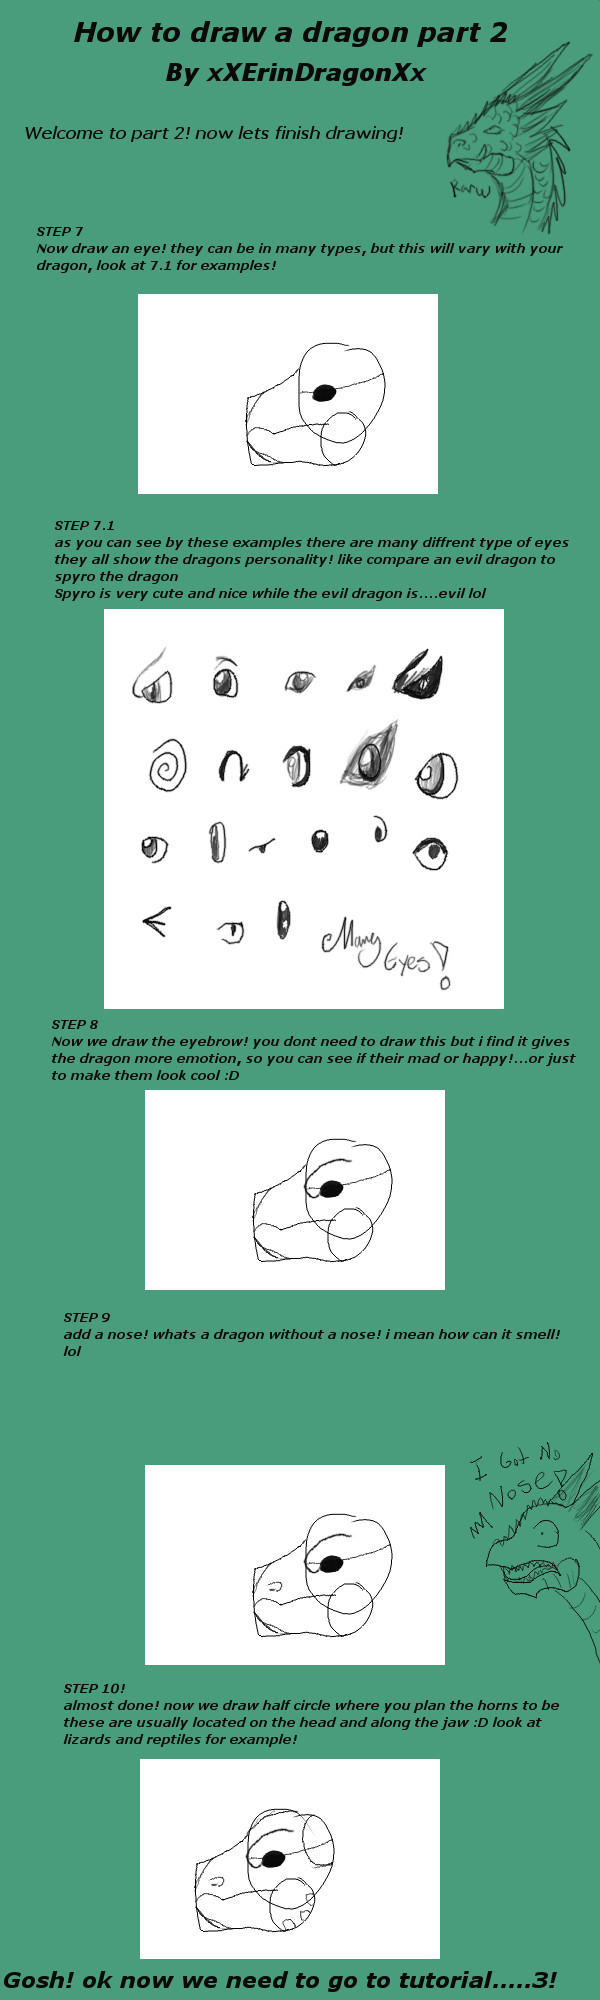 How To Draw A Dragon Part 2 By Xxerindragonxx